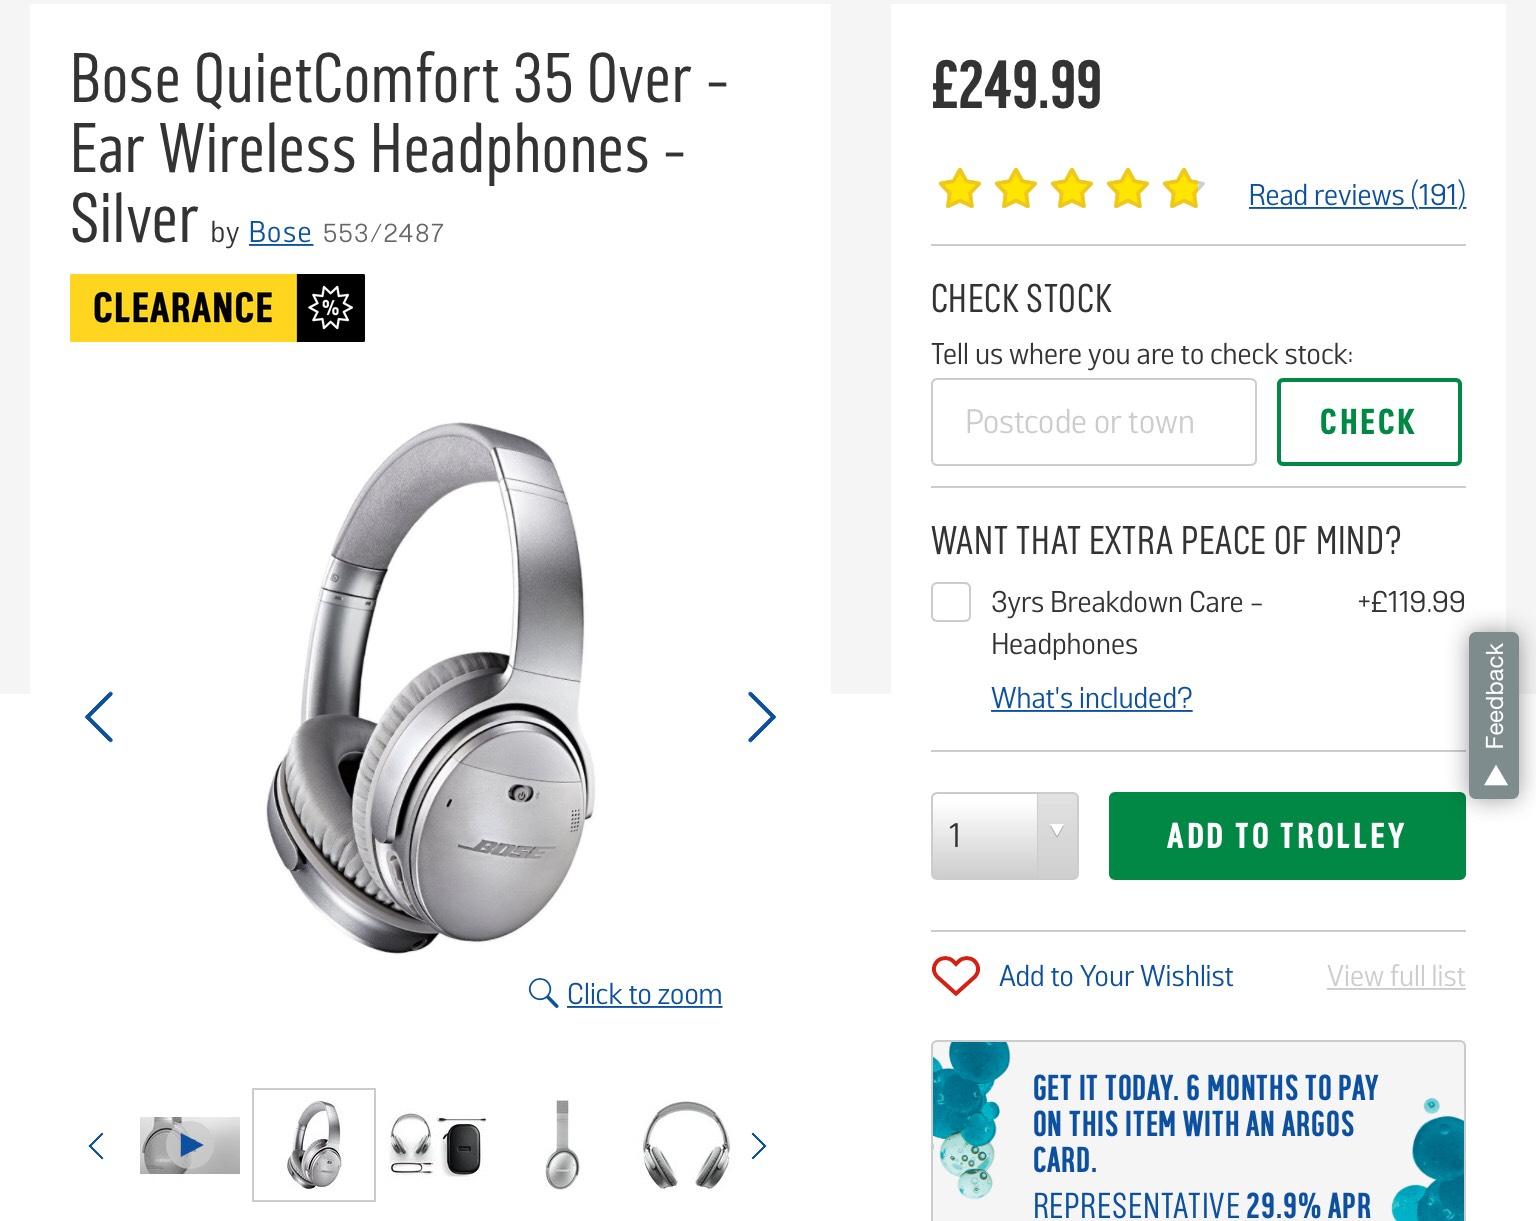 Bose QuietComfort 35 Over - Ear Wireless Headphones - Silver £249.99 @ Argos